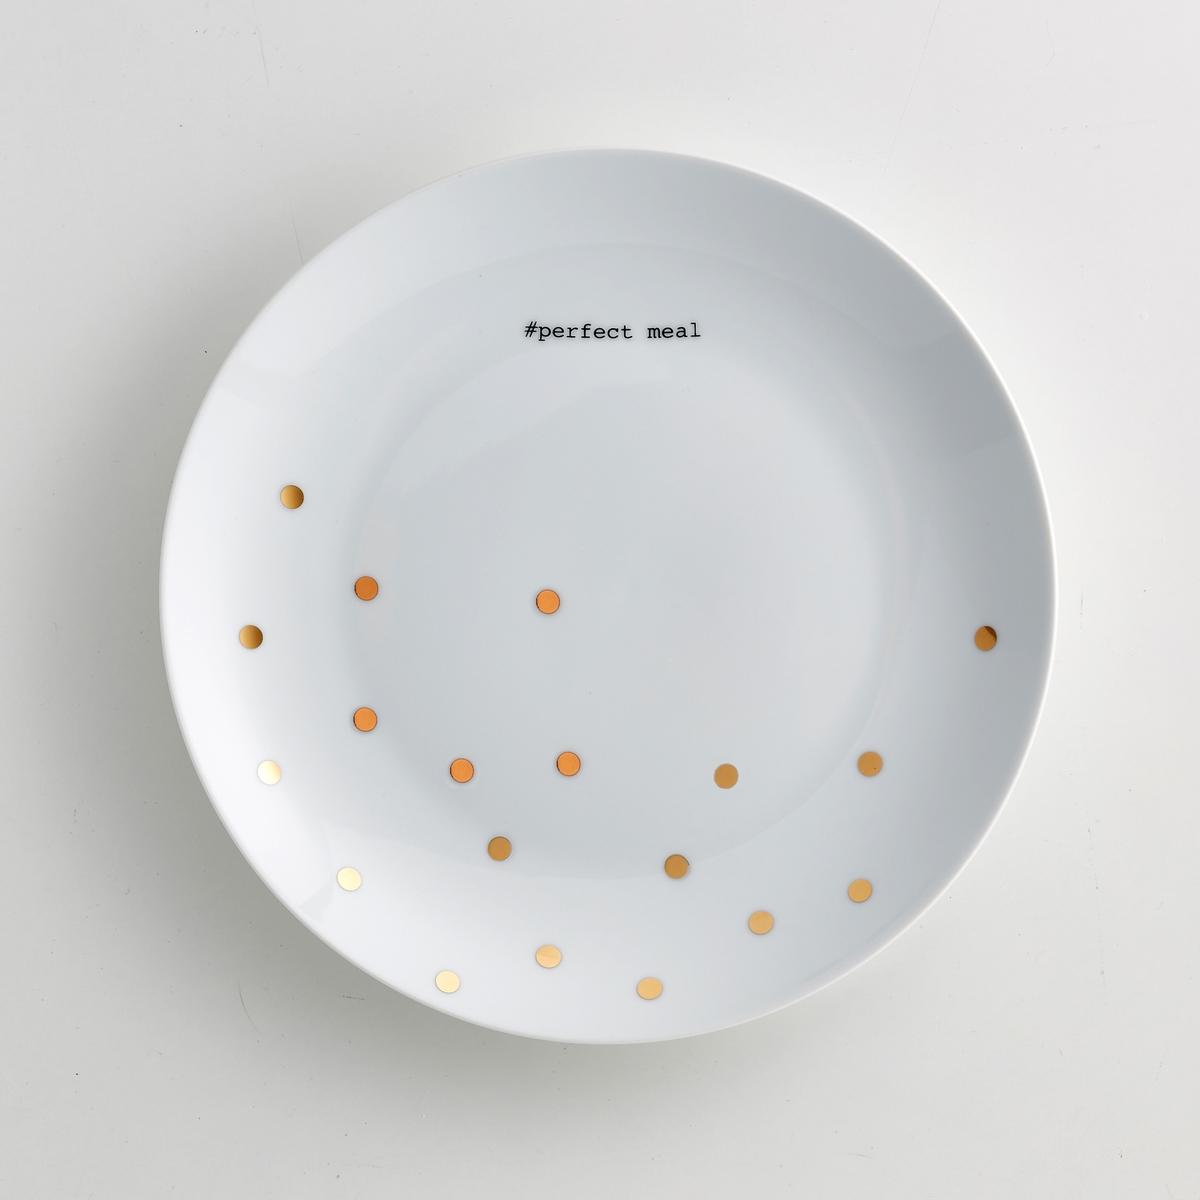 4 тарелки плоские из фарфора, KublerХарактеристики 4 плоских тарелок из фарфора Kubler :- Плоские тарелки из фарфора  - Диаметр : 26,5 см.- Подходят для мытья в посудомоечной машине - Не подходят для микроволновой печи  - Продаются в комплекте из 4 штук в подарочном сундучке        Найдите комплект посуды из фарфора Kubler<br><br>Цвет: в горошек